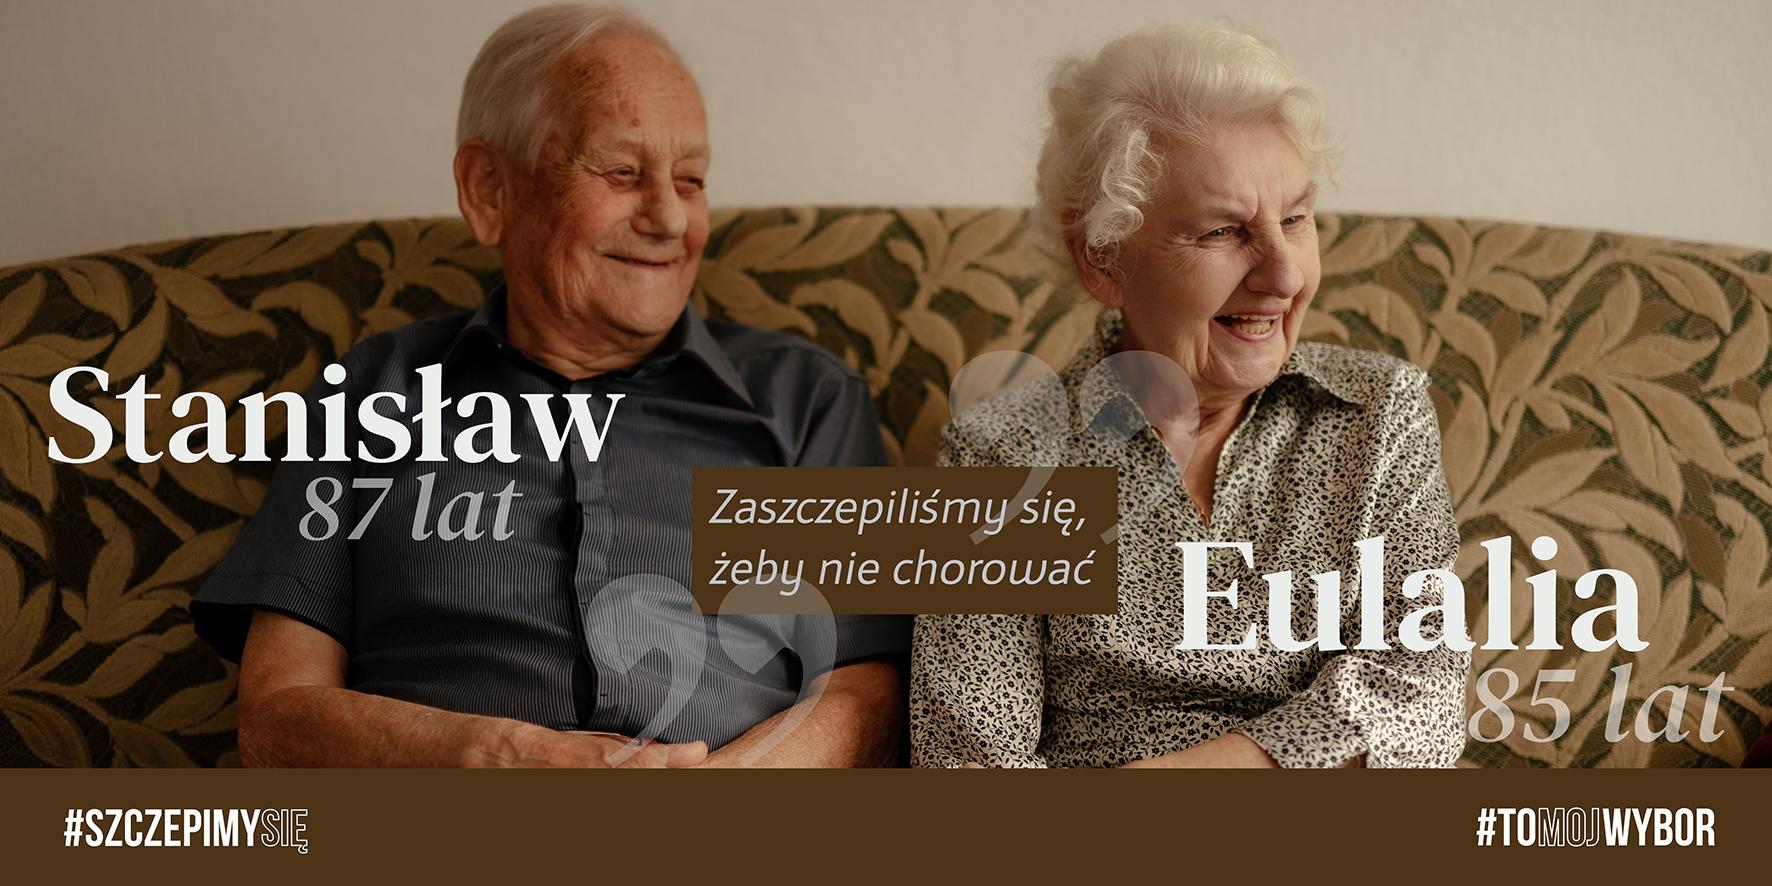 k4 Kampania proszczepionkowa w Zamościu. W roli głównej seniorzy.